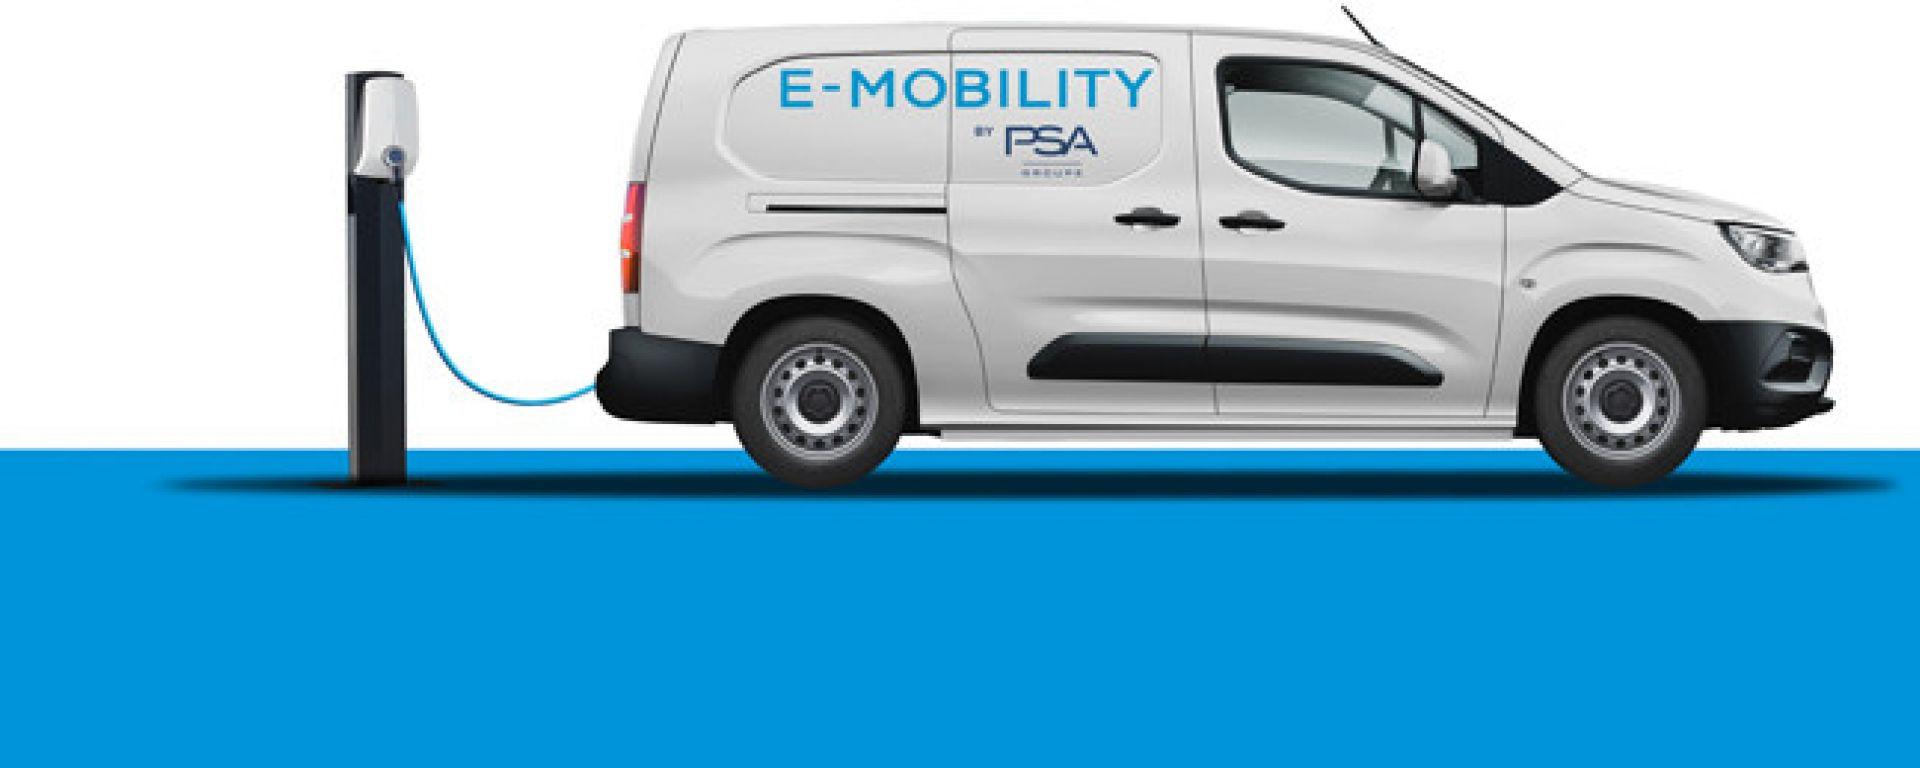 Gruppo PSA: nel 2021 versioni elettrificate per tutti i van in gamma